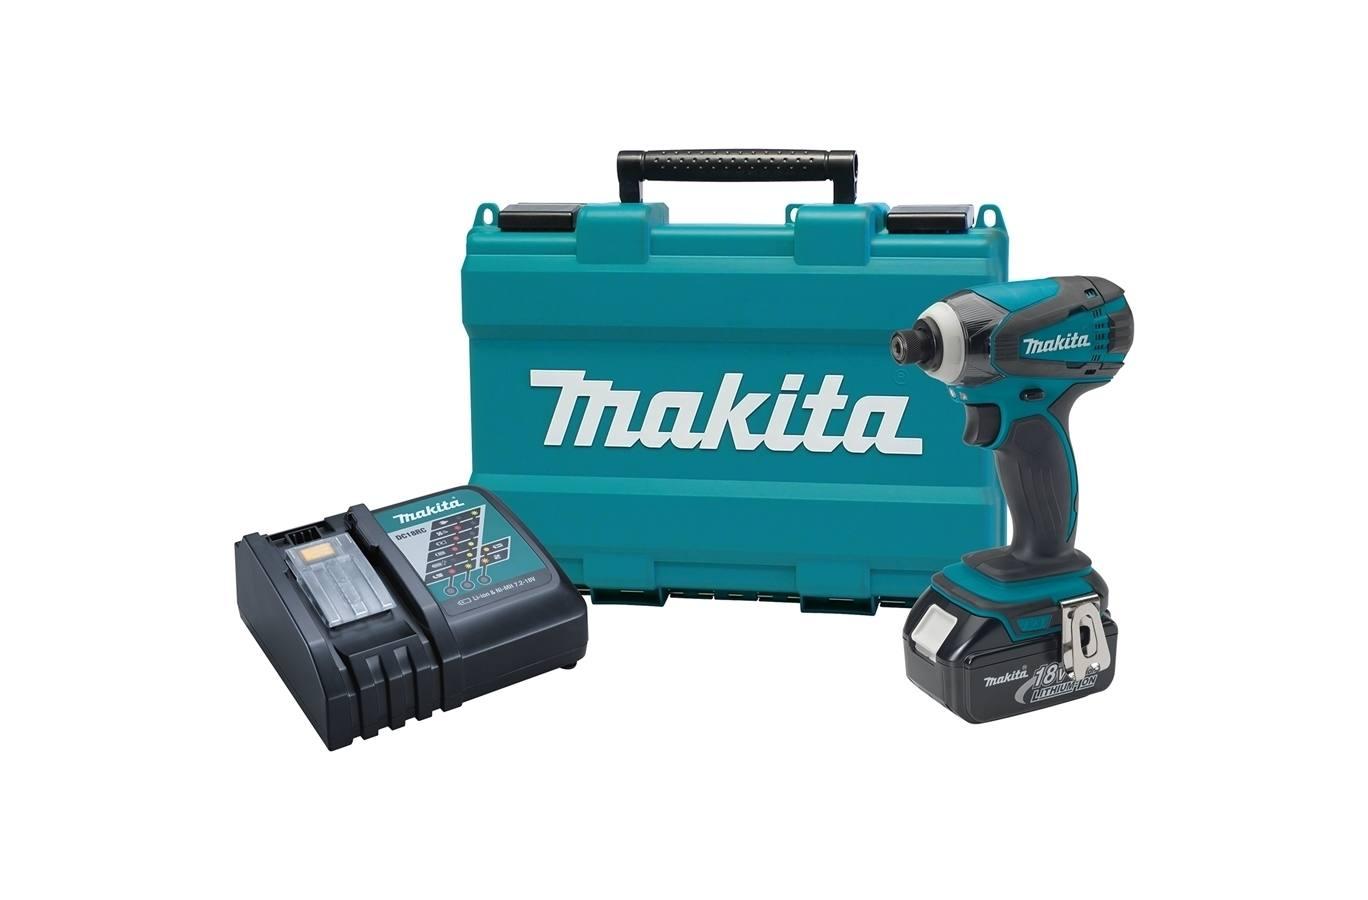 2018 Makita XDT042 for sale in Austin, TX  McCoy's Lawn